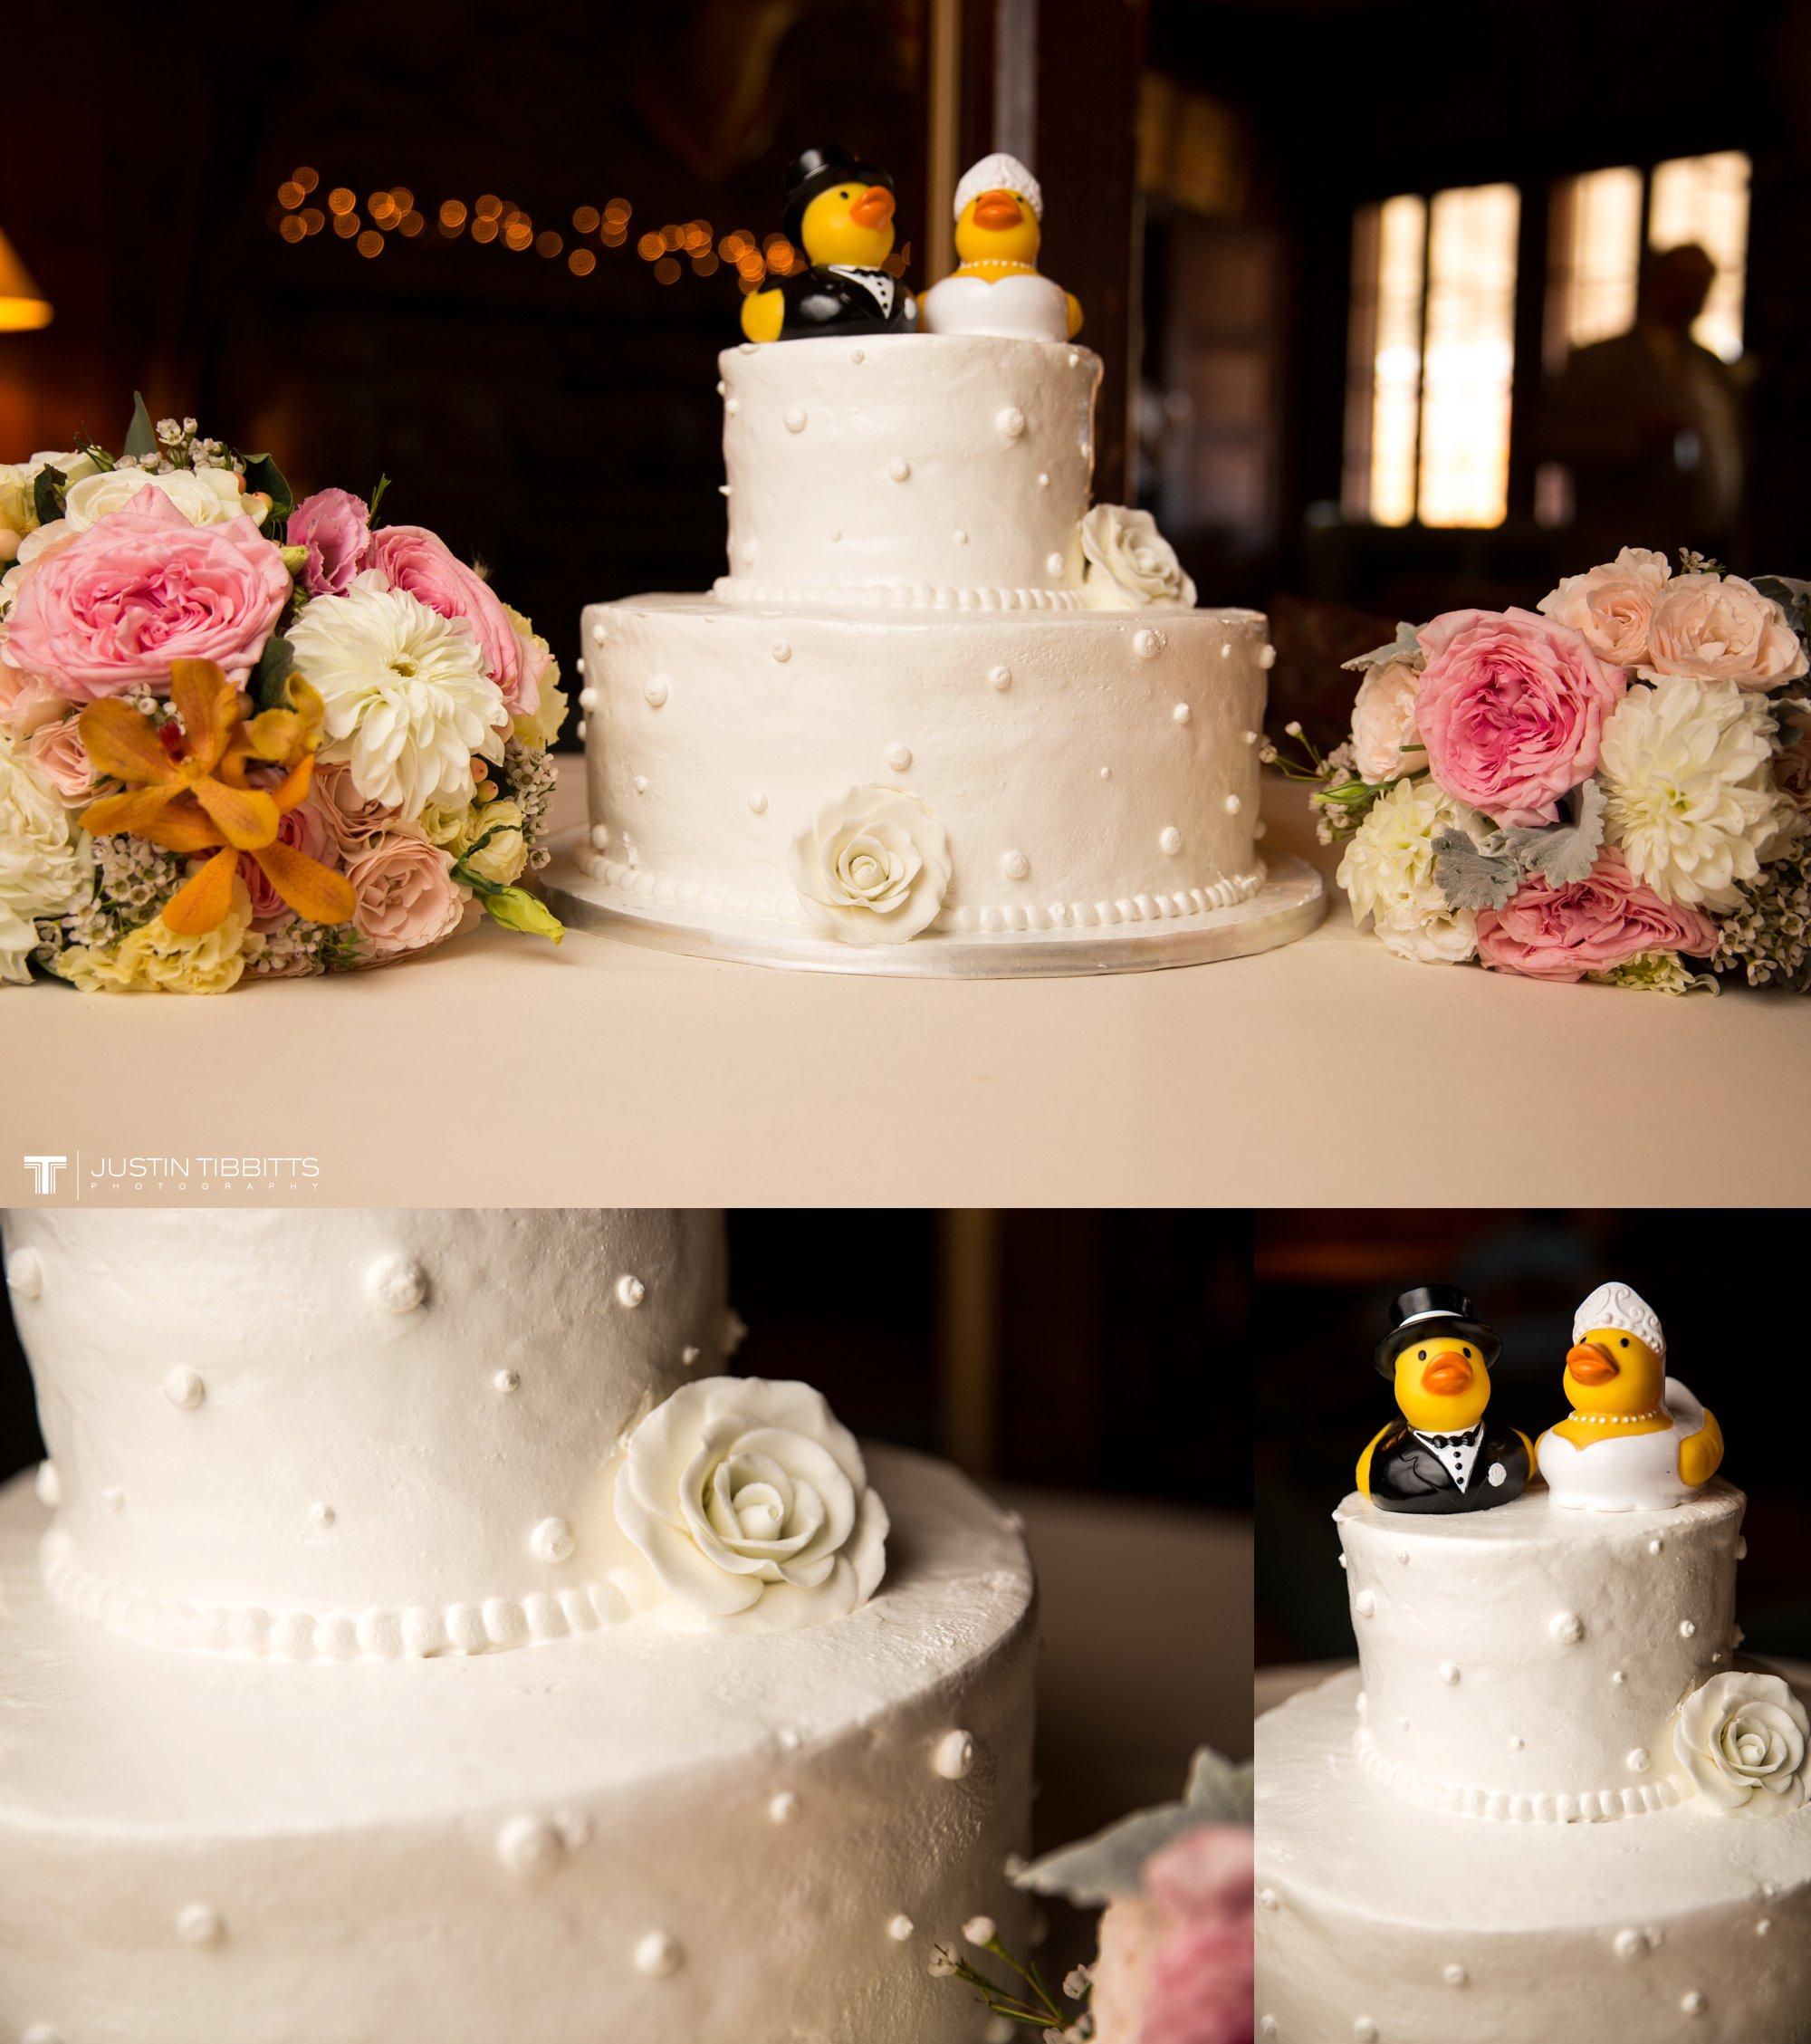 Albany NY Wedding Photographer Justin Tibbitts Photography 2014 Best of Albany NY Weddings-340106801057092